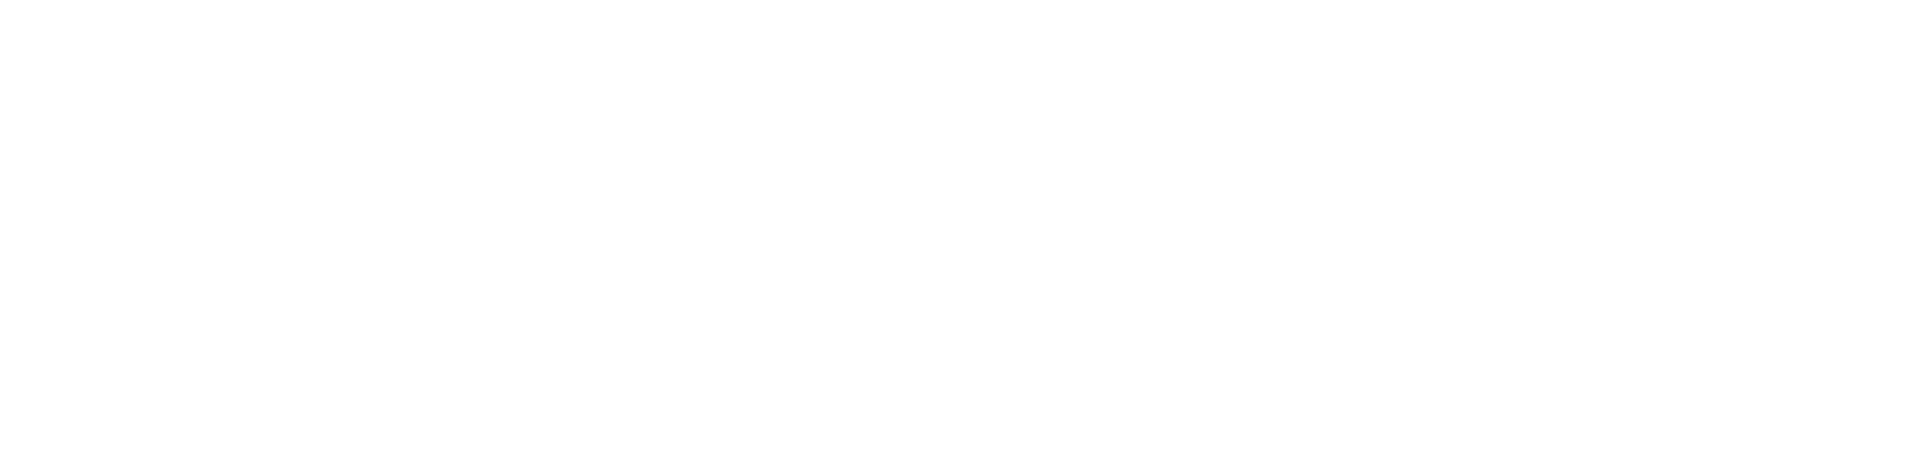 EoStore